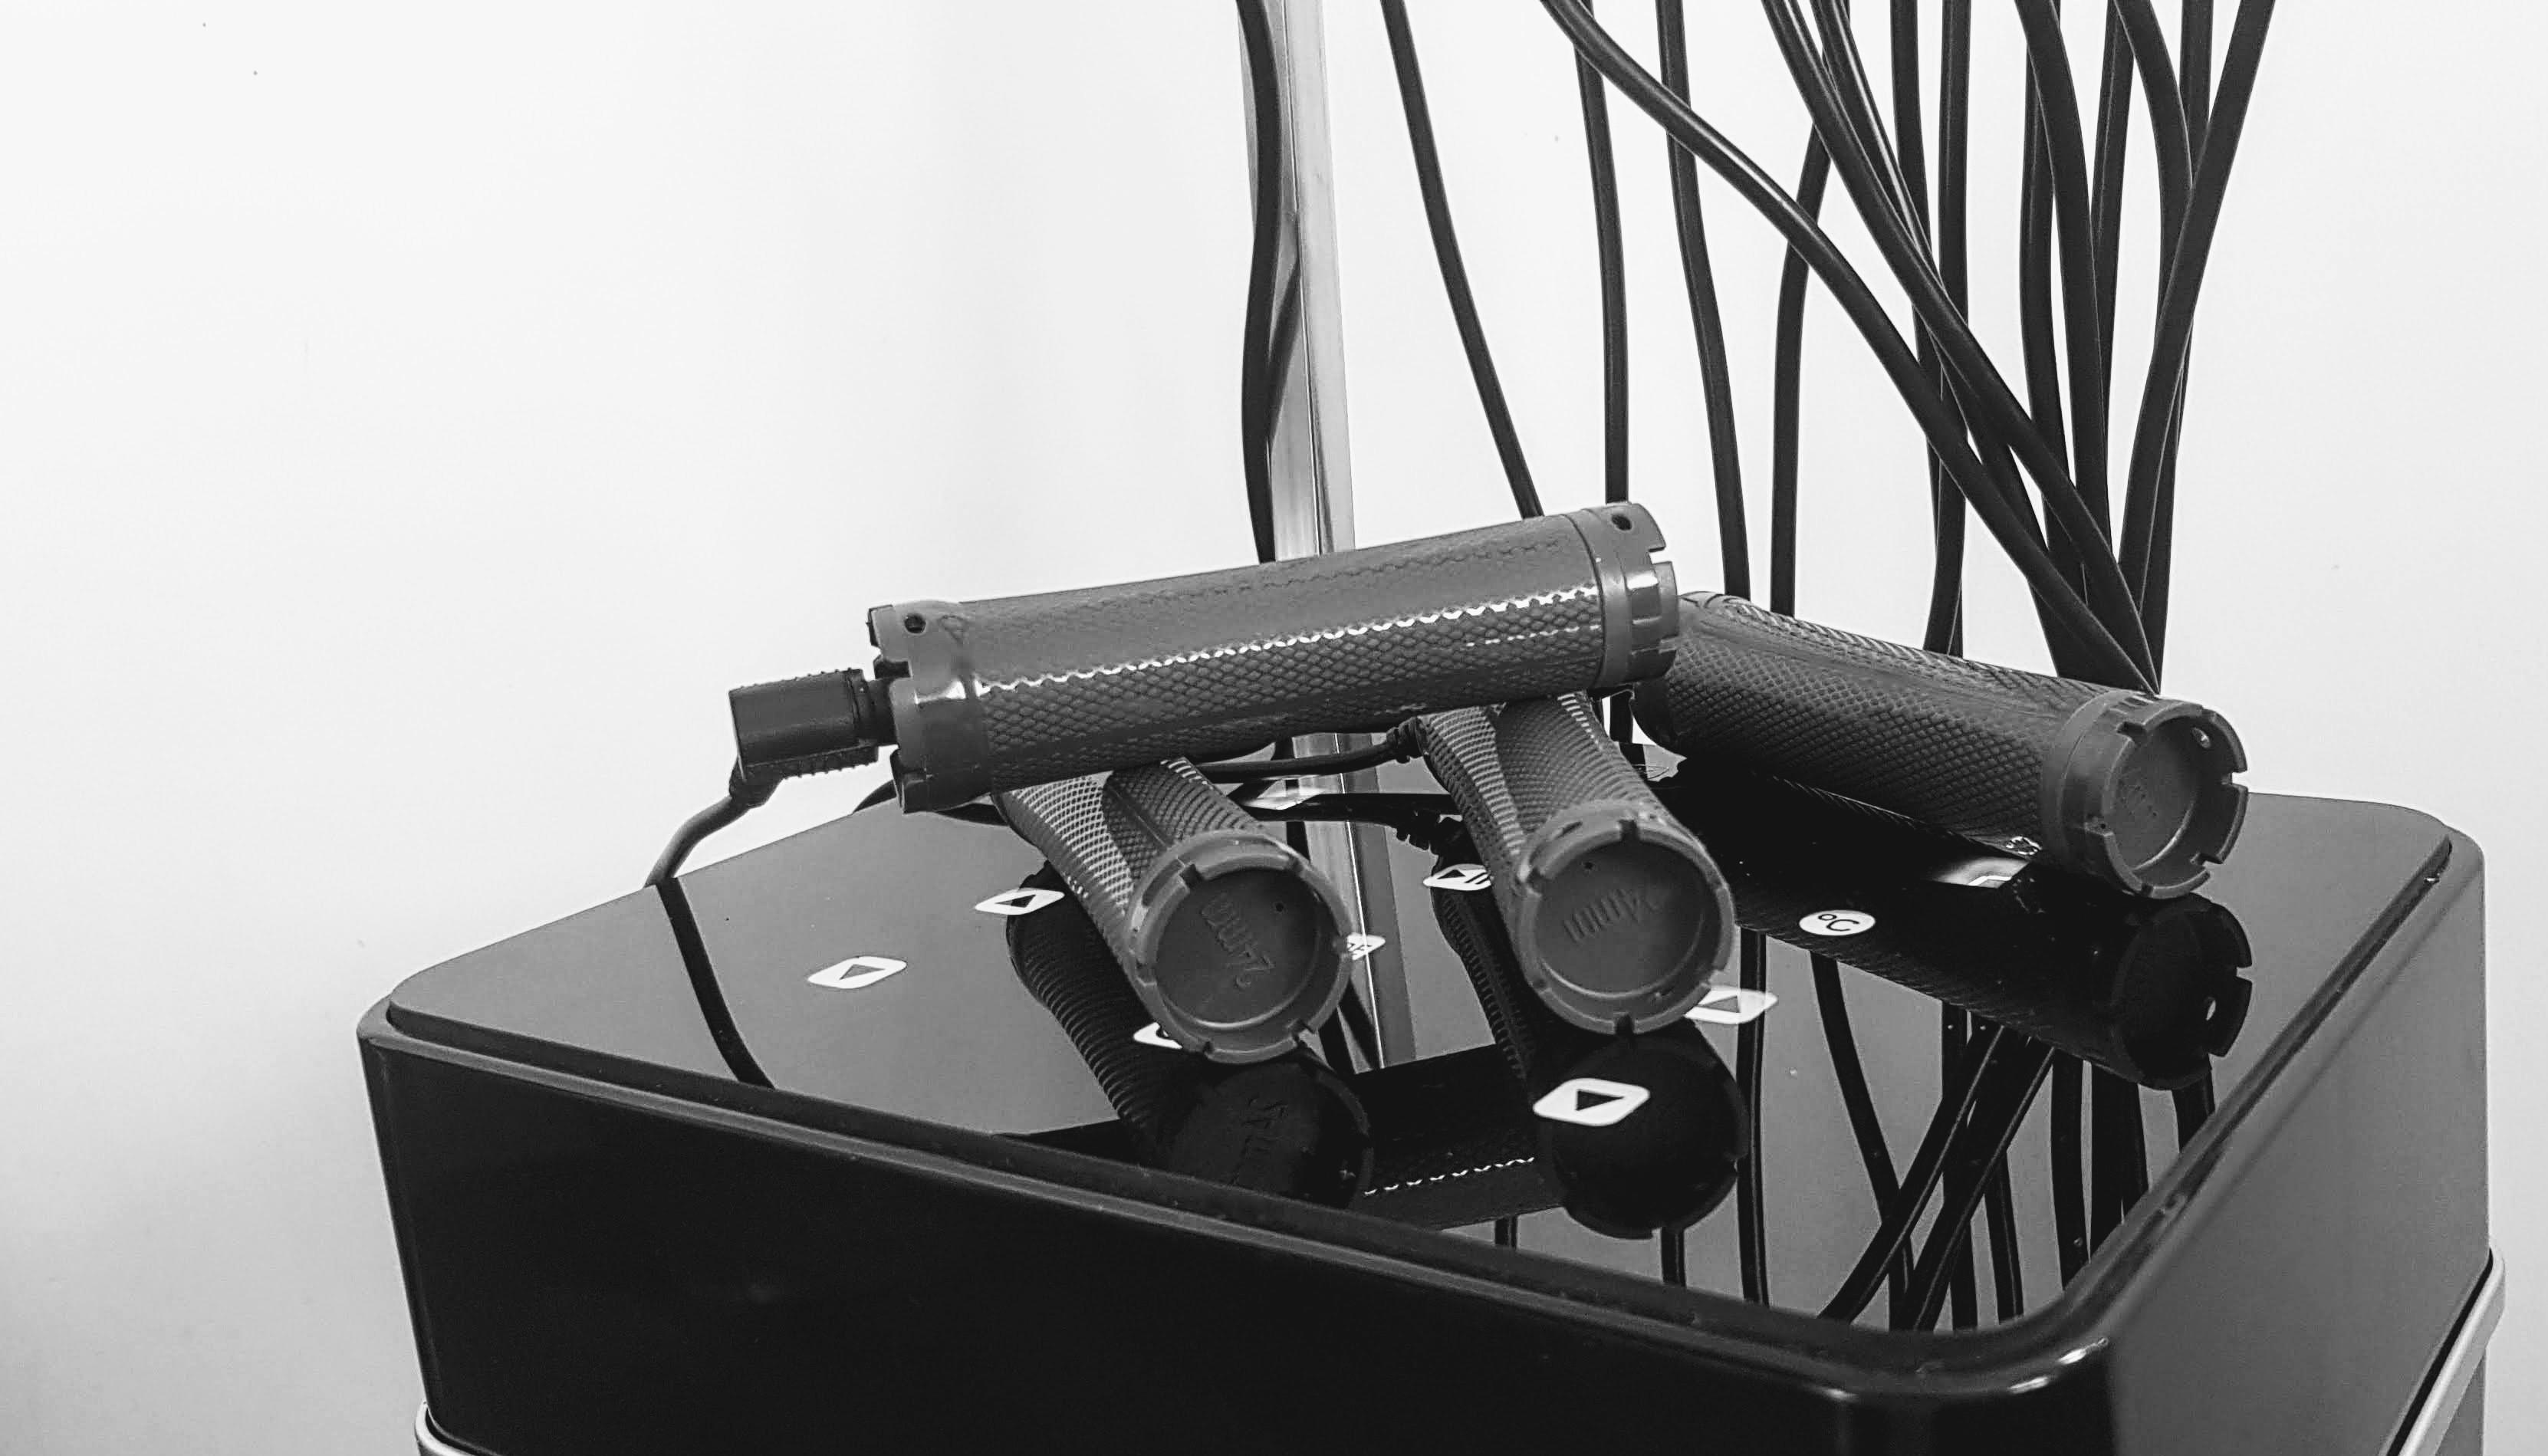 Glanzend Hightech apparaat met rollers voor digital perm